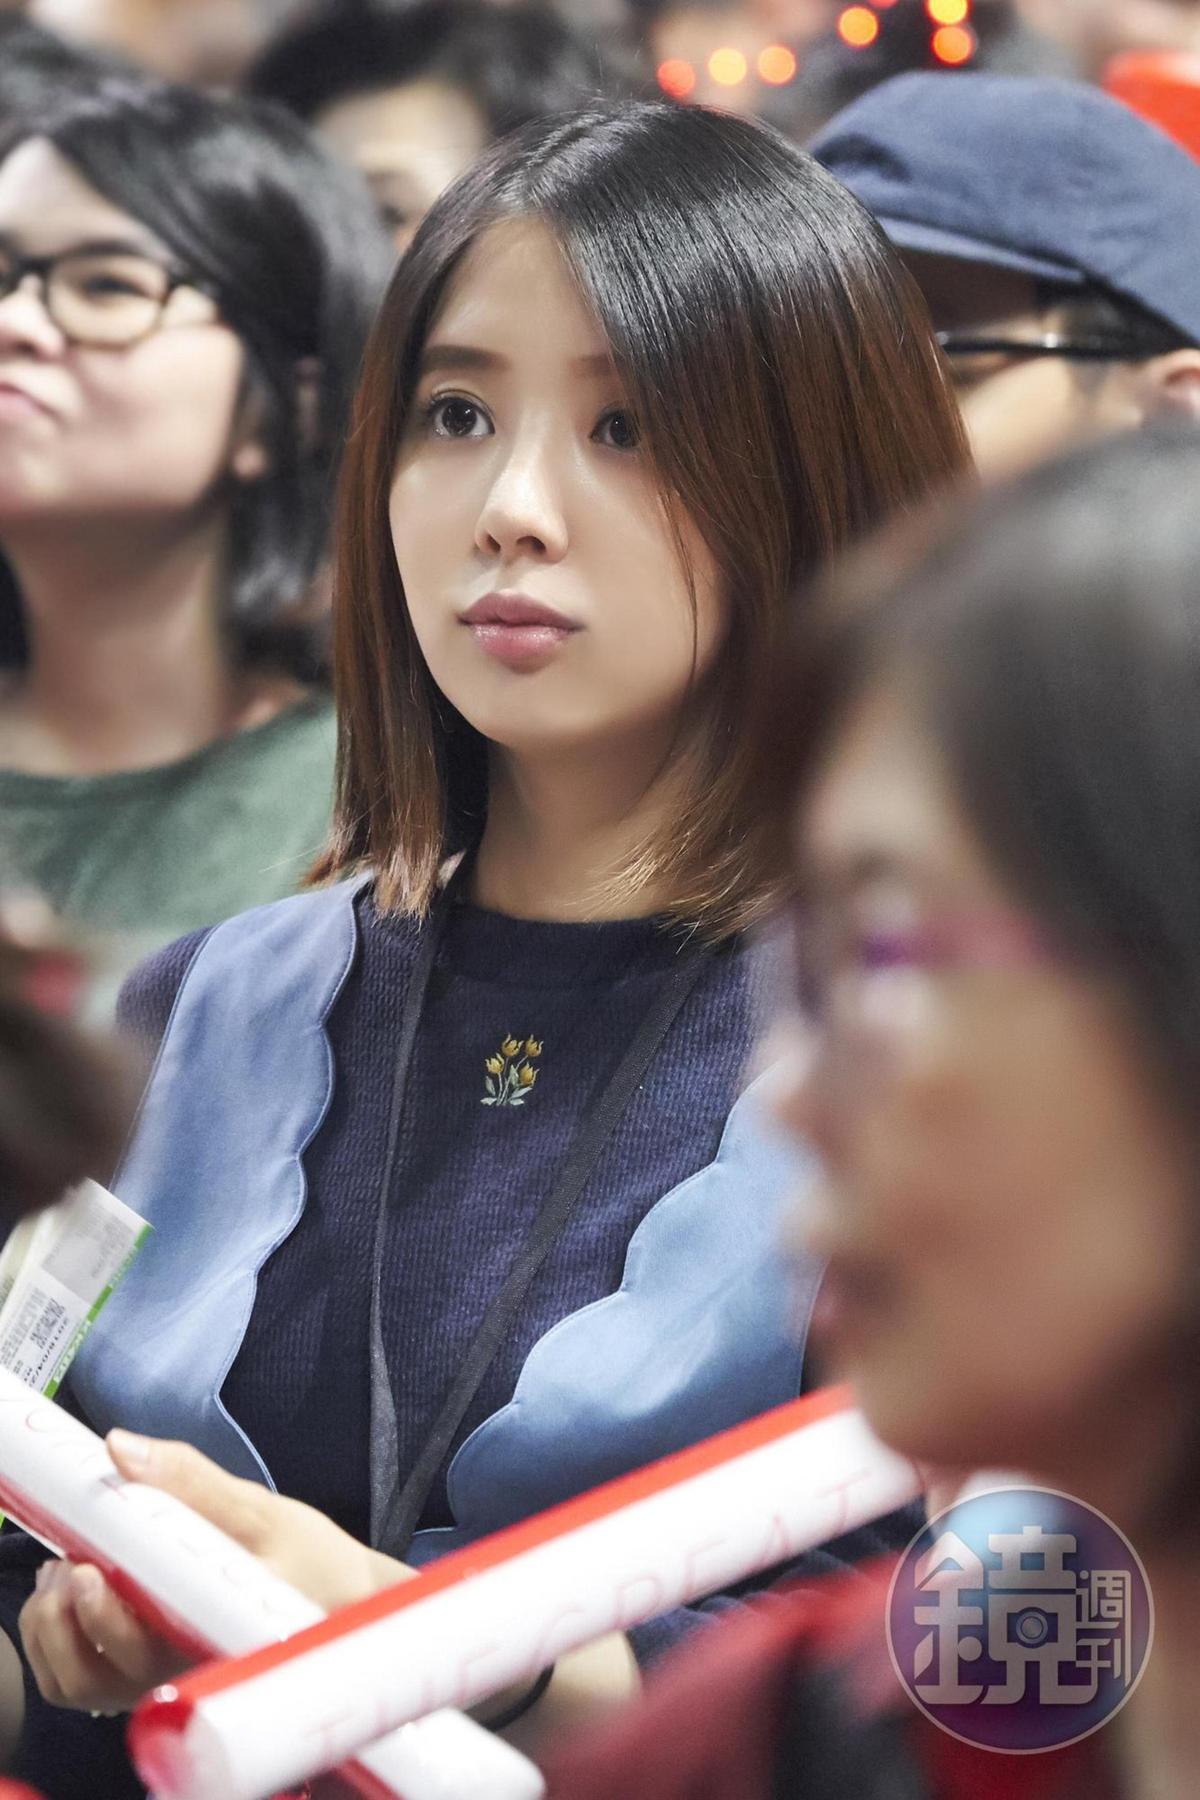 林宥嘉懷胎7月的老婆丁文琪坐台下力挺,臉形可見圓潤。(讀者提供)